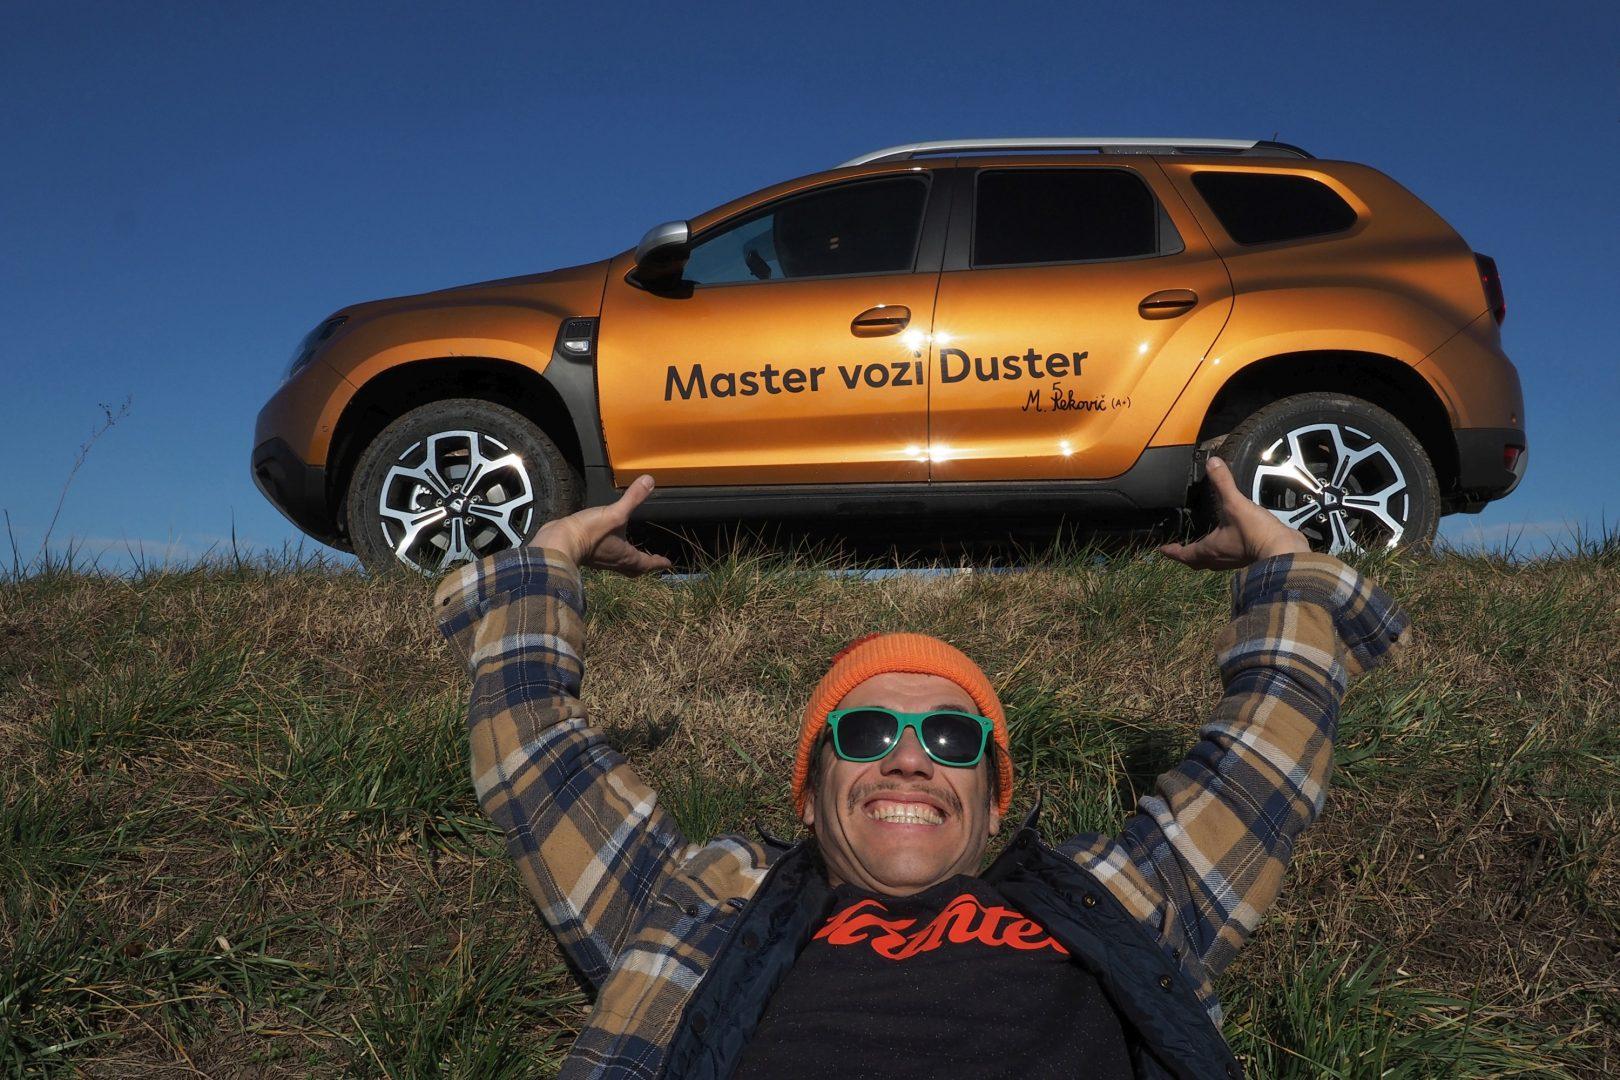 Mario Petreković vozi novog Dustera